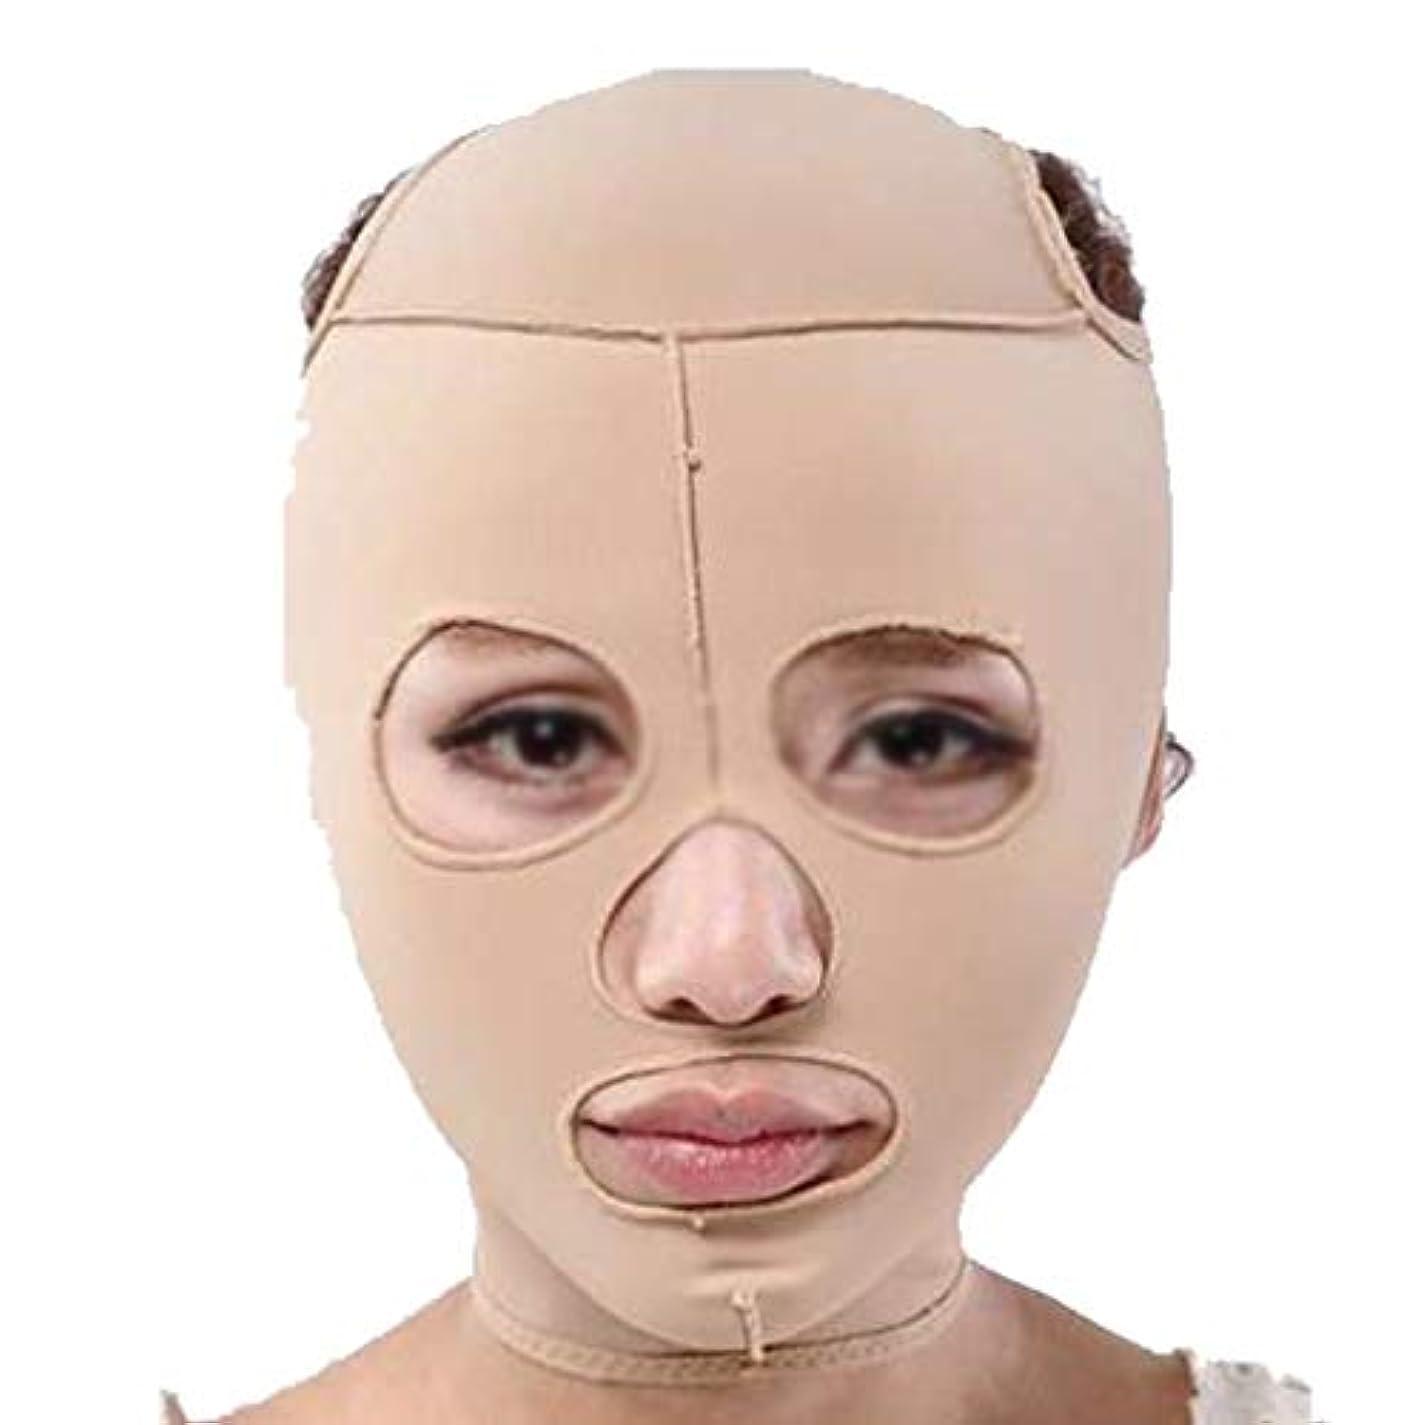 ゆりモールス信号十代ZWBD フェイスマスク, フェイスコレクター男性と女性のフェイスリフティングマスクマスクバンデージリフティングスモールVフェイスリフティング引き締めダブルチン